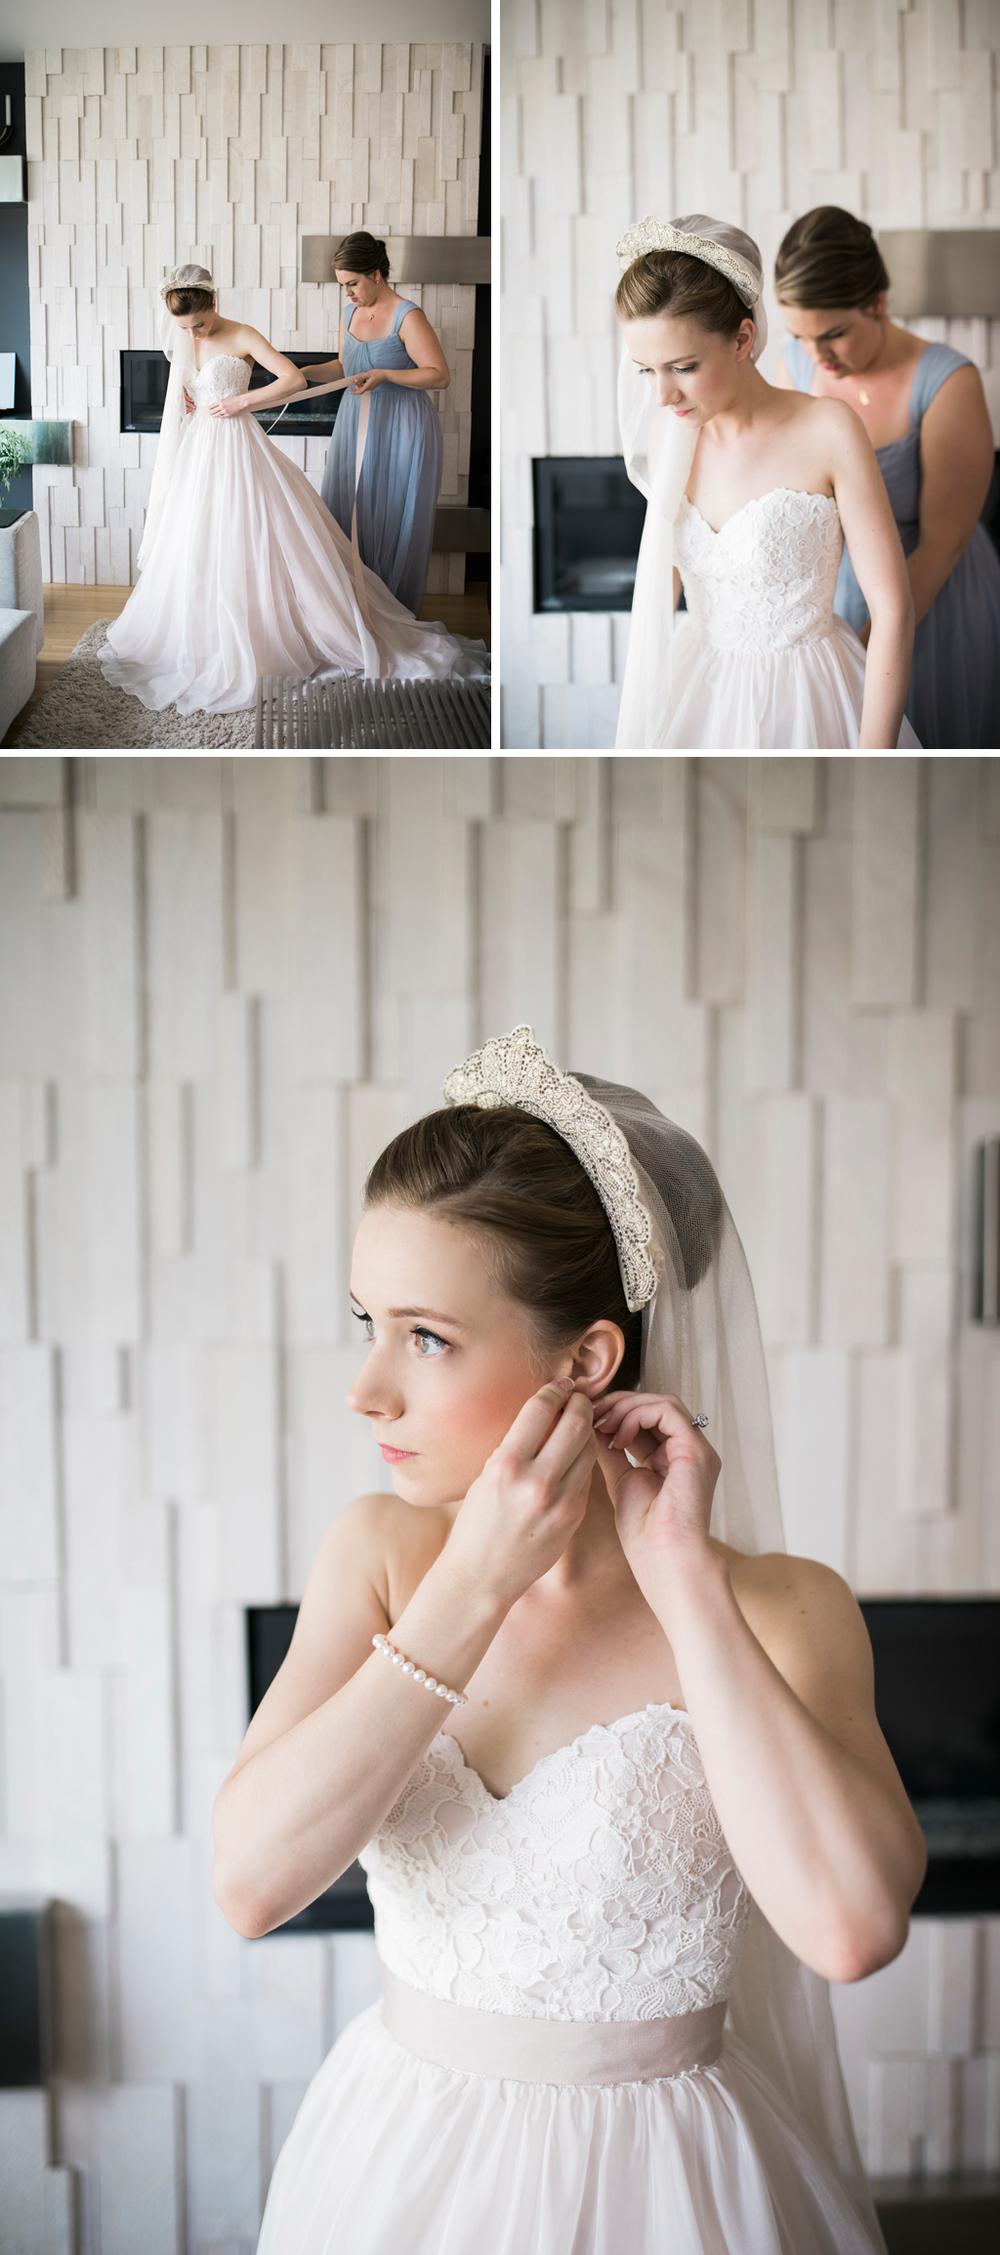 Calgary Wedding Photographer 4